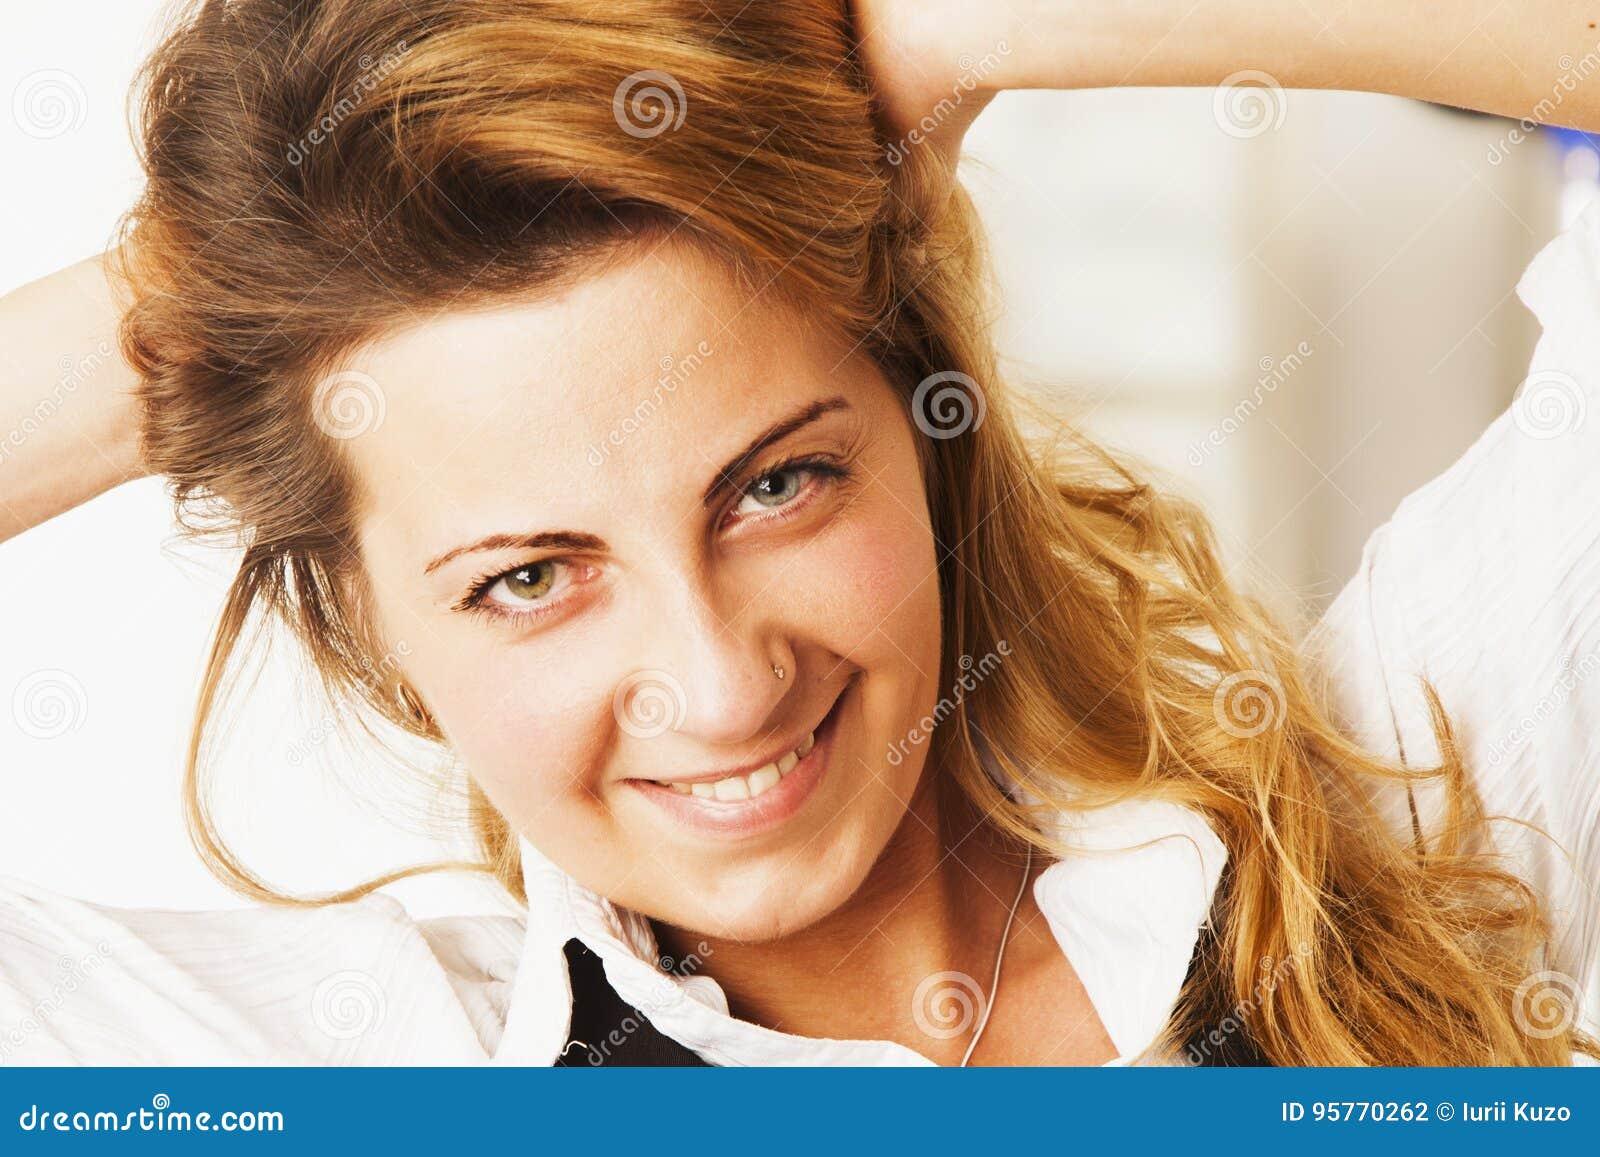 Vrouwelijkheid Schoonheidsportret van een jong mooi meisje met lang